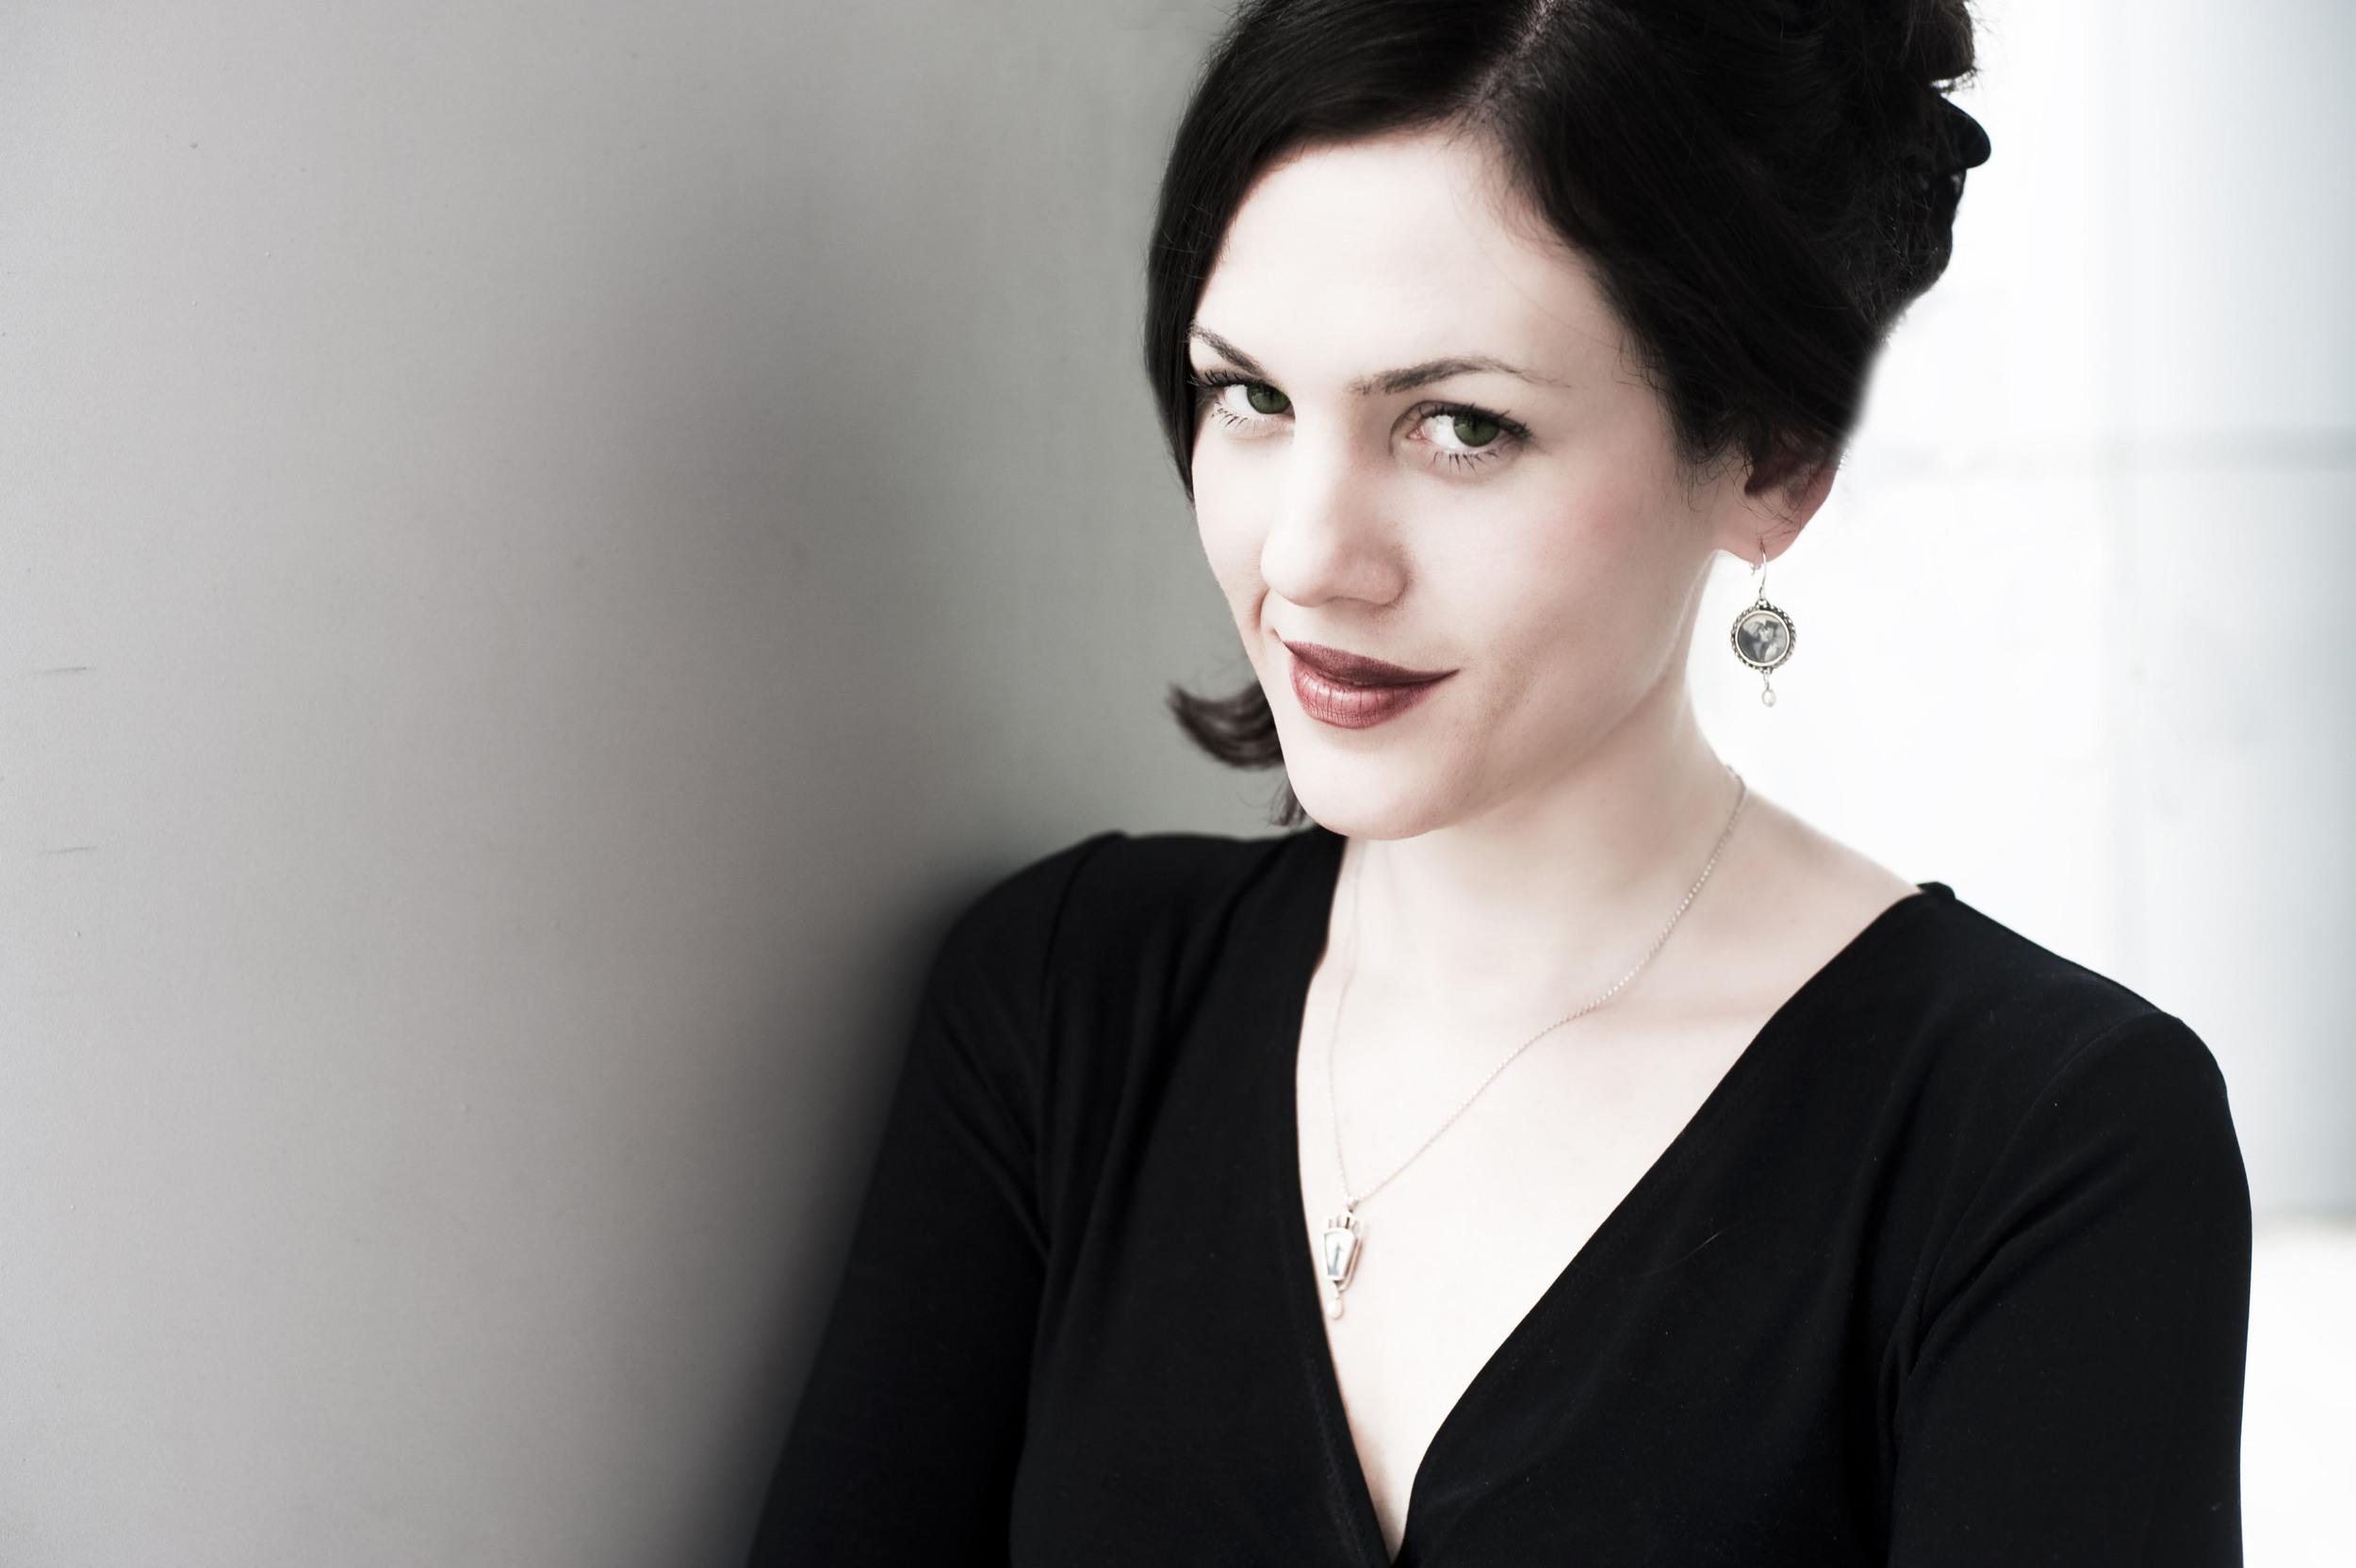 Rachel DeWoksin